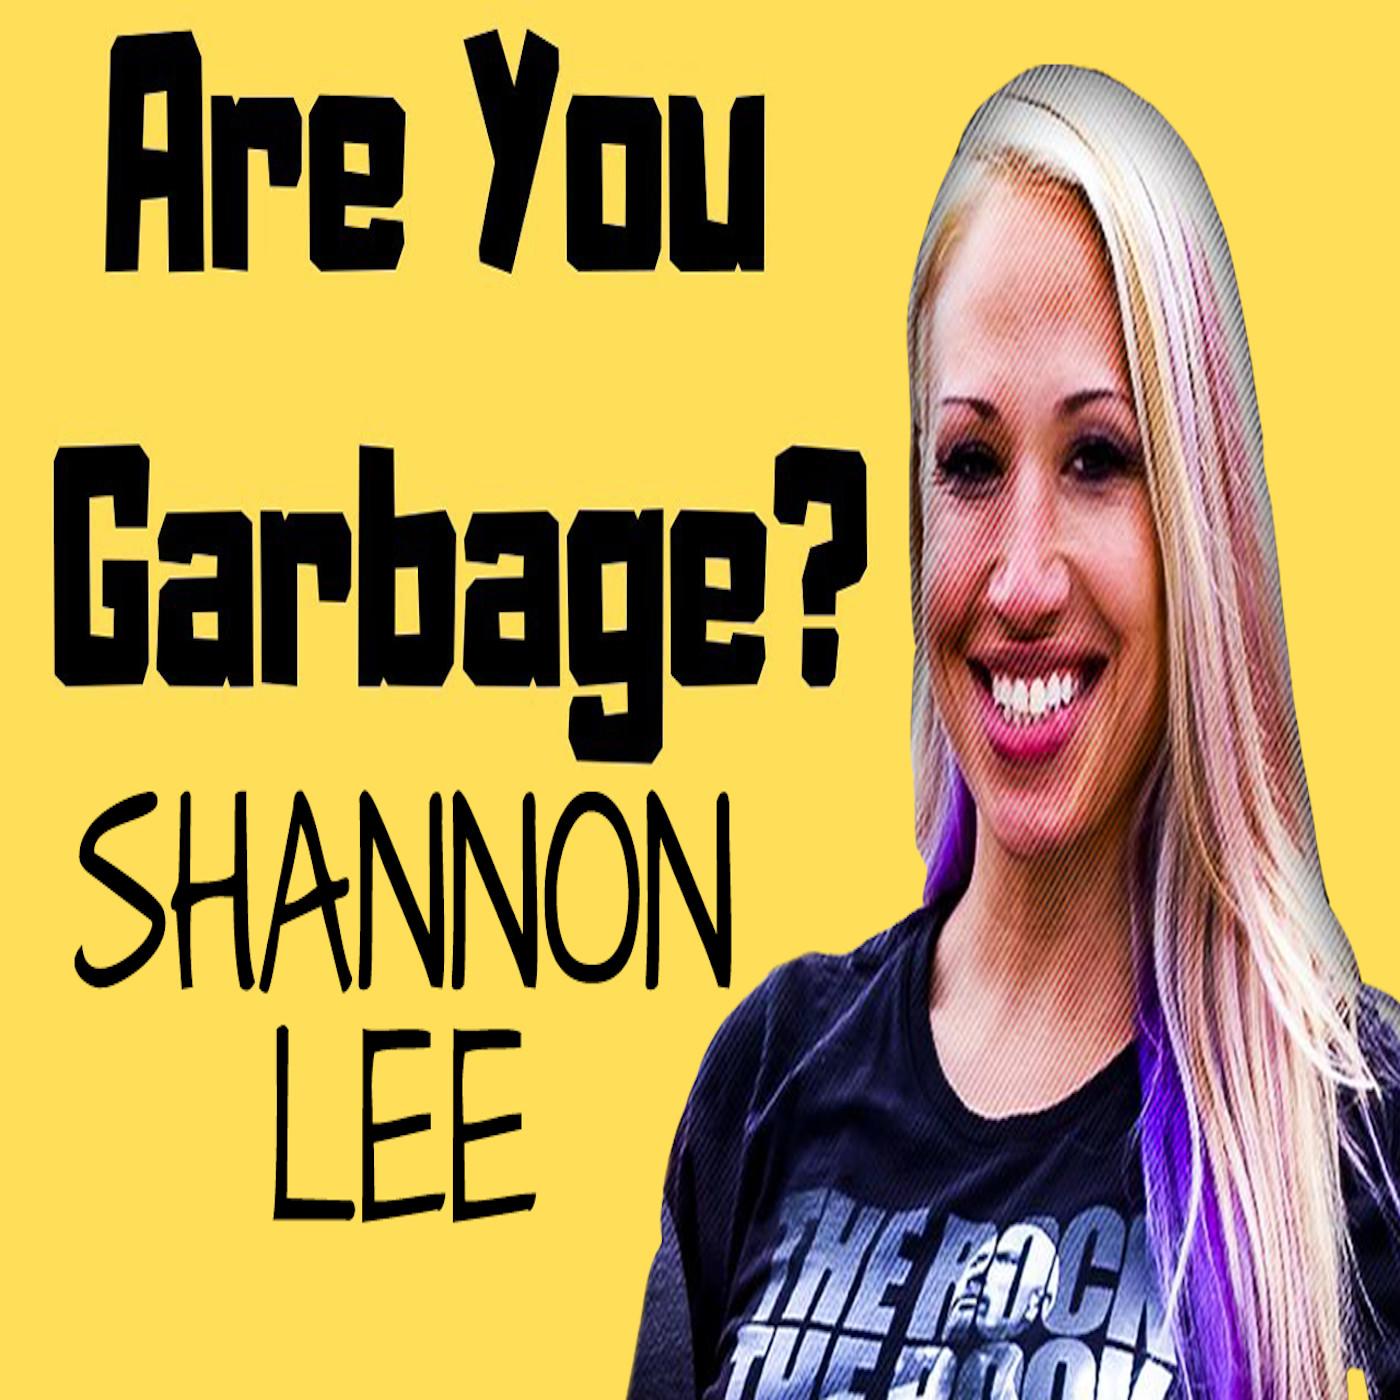 Shannon Lee: Brooklyn Trash